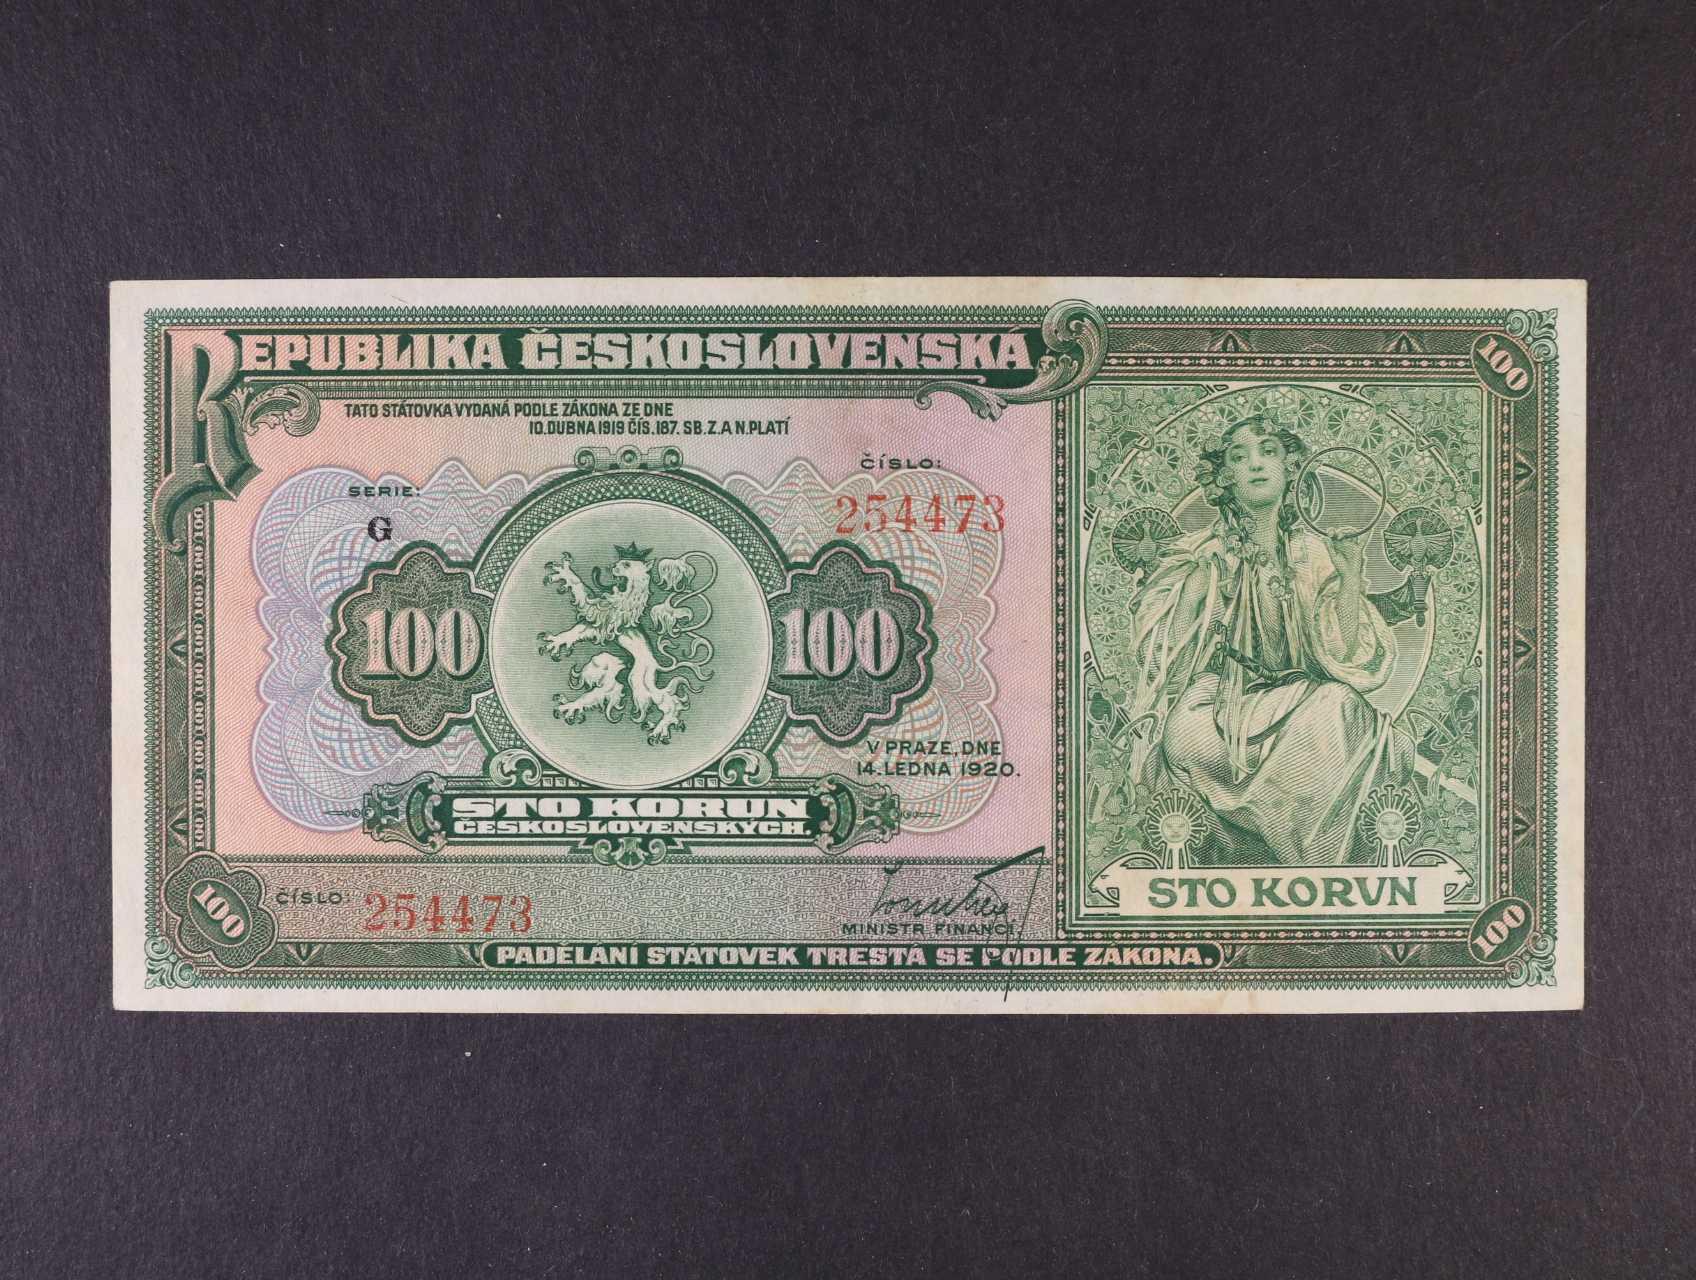 100 Kč 14.1.1920 série G, Ba. 16a, Pi. 17a